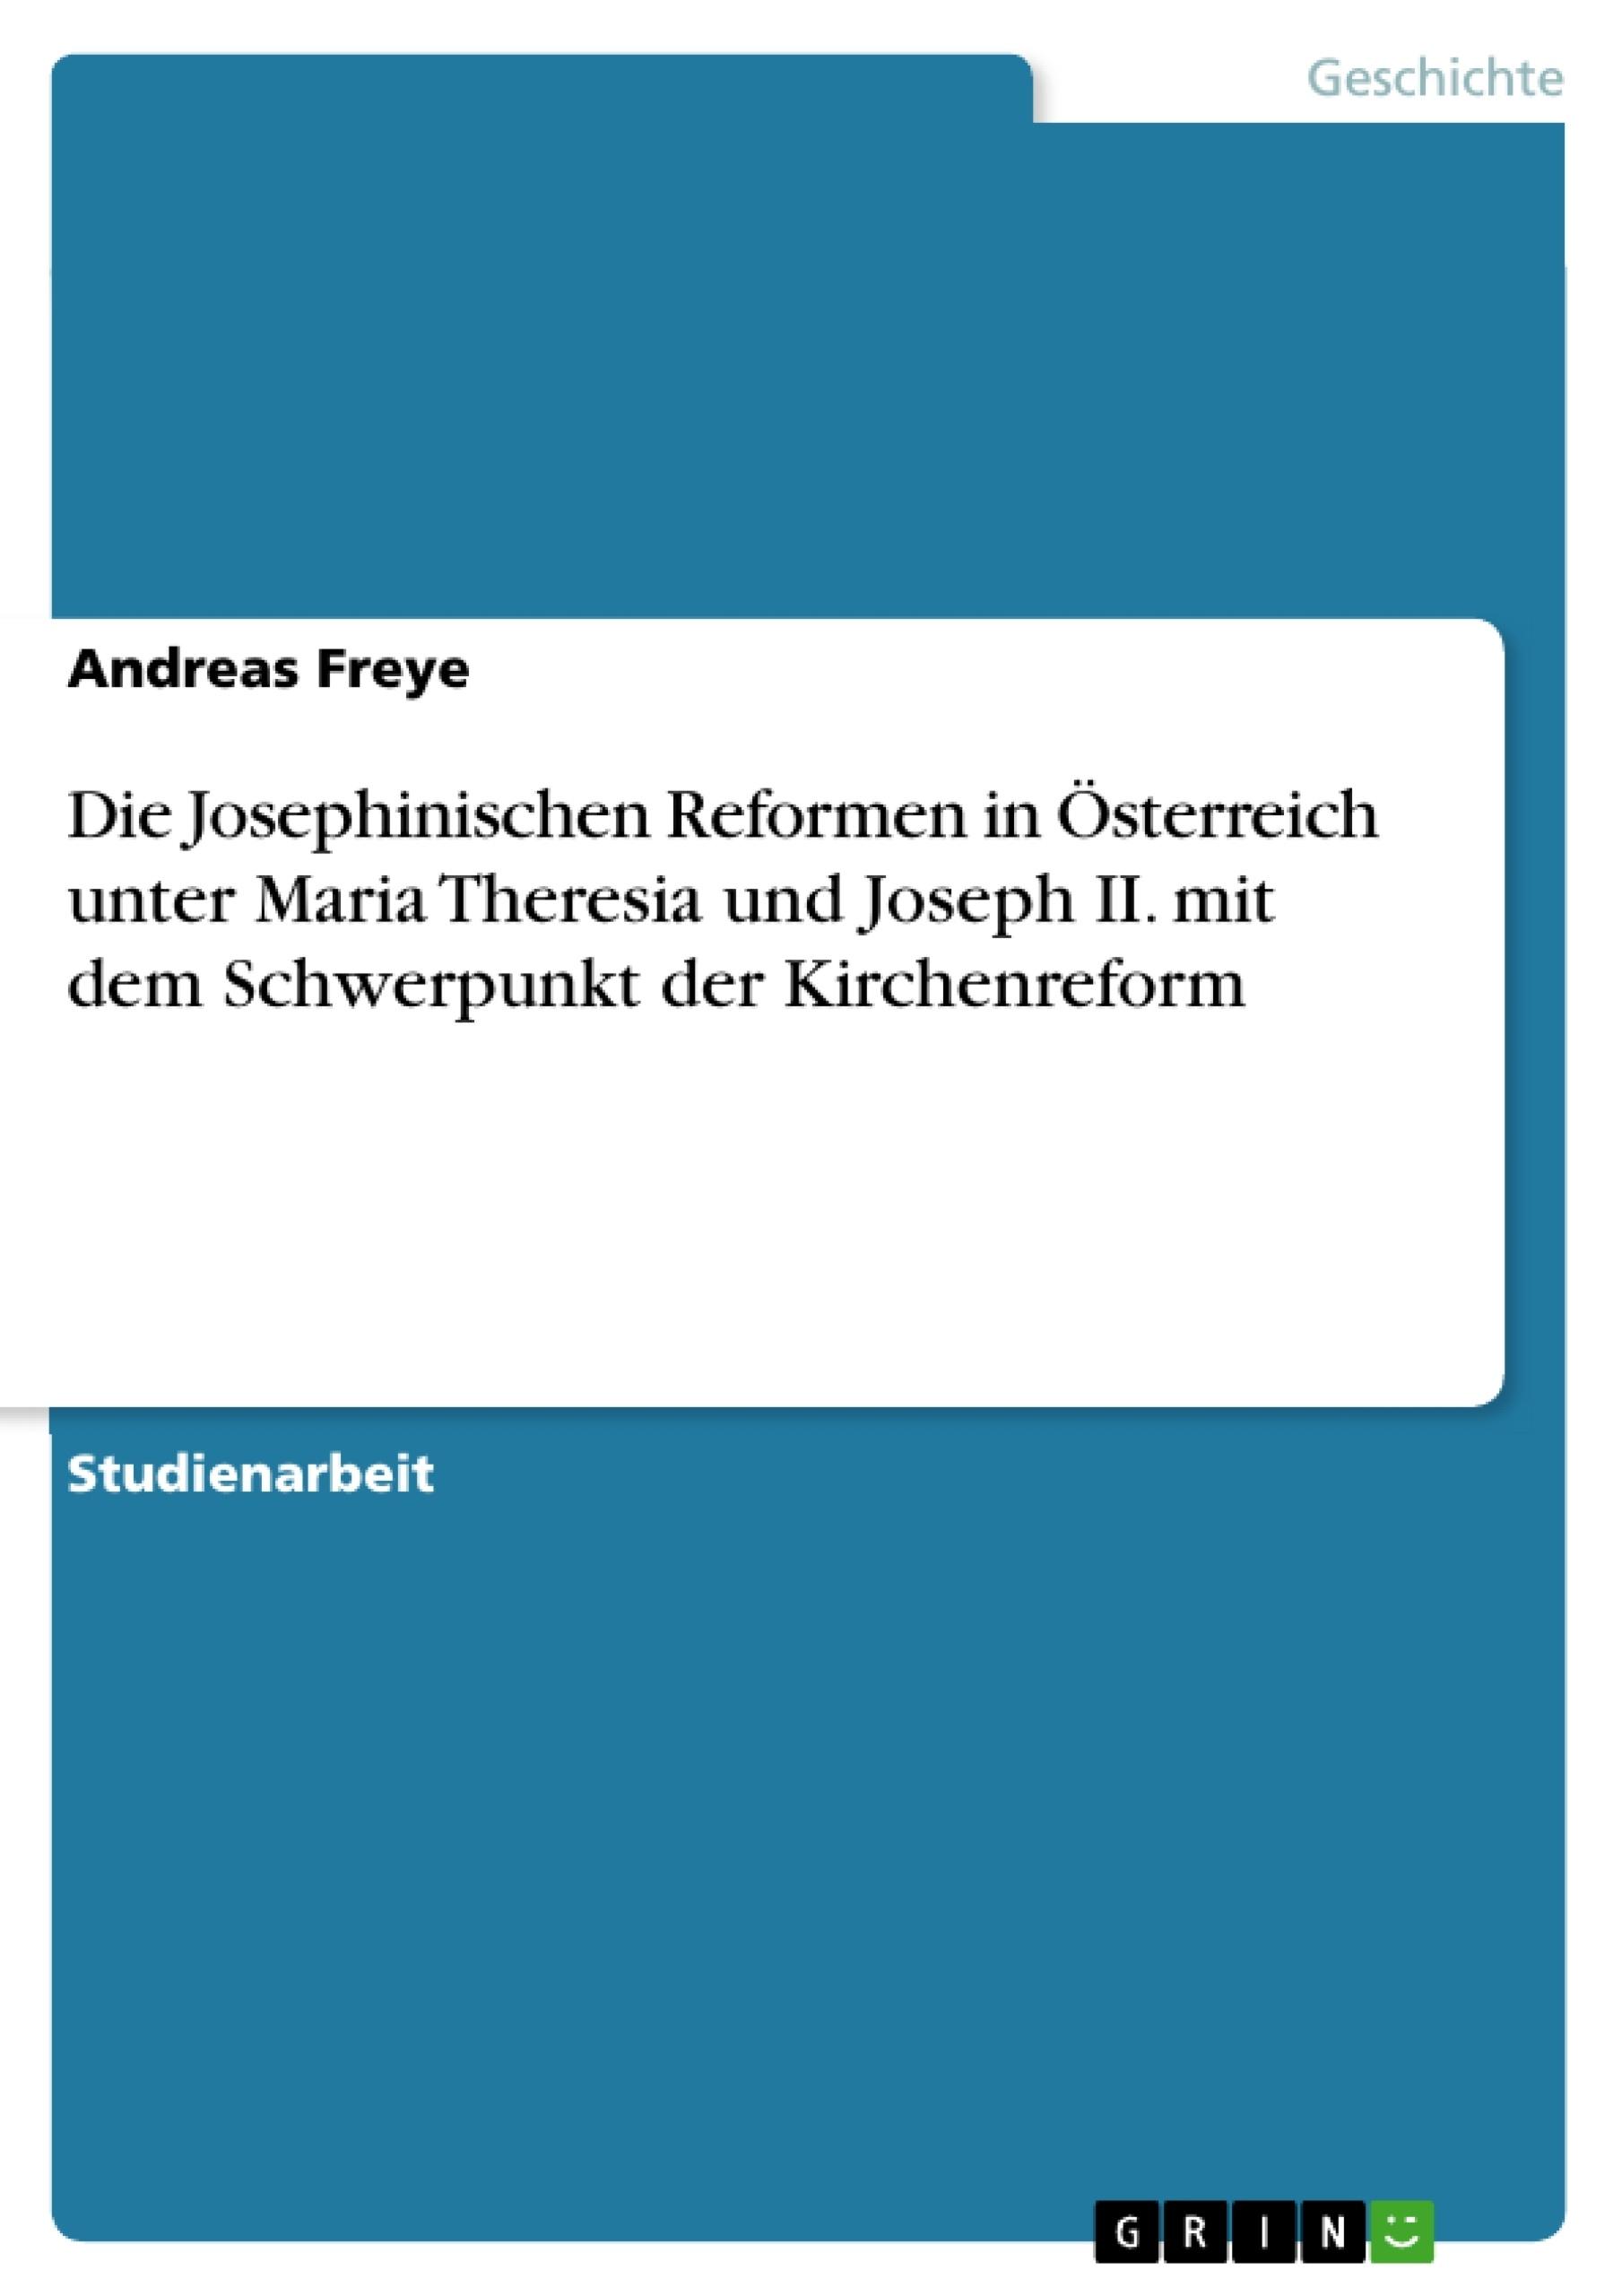 Titel: Die Josephinischen Reformen in Österreich unter Maria Theresia und Joseph II. mit dem Schwerpunkt der Kirchenreform